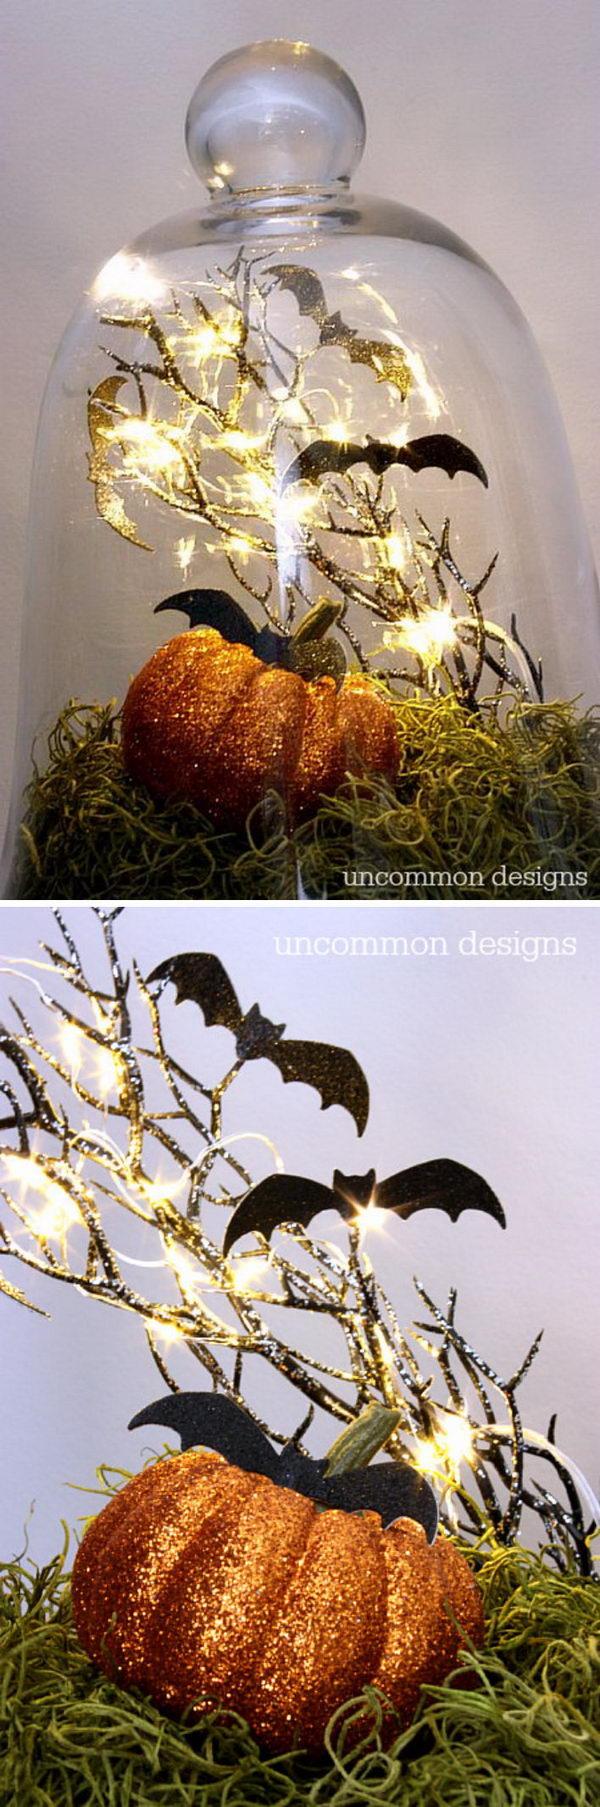 Halloween Bats in a Glass Cloche.